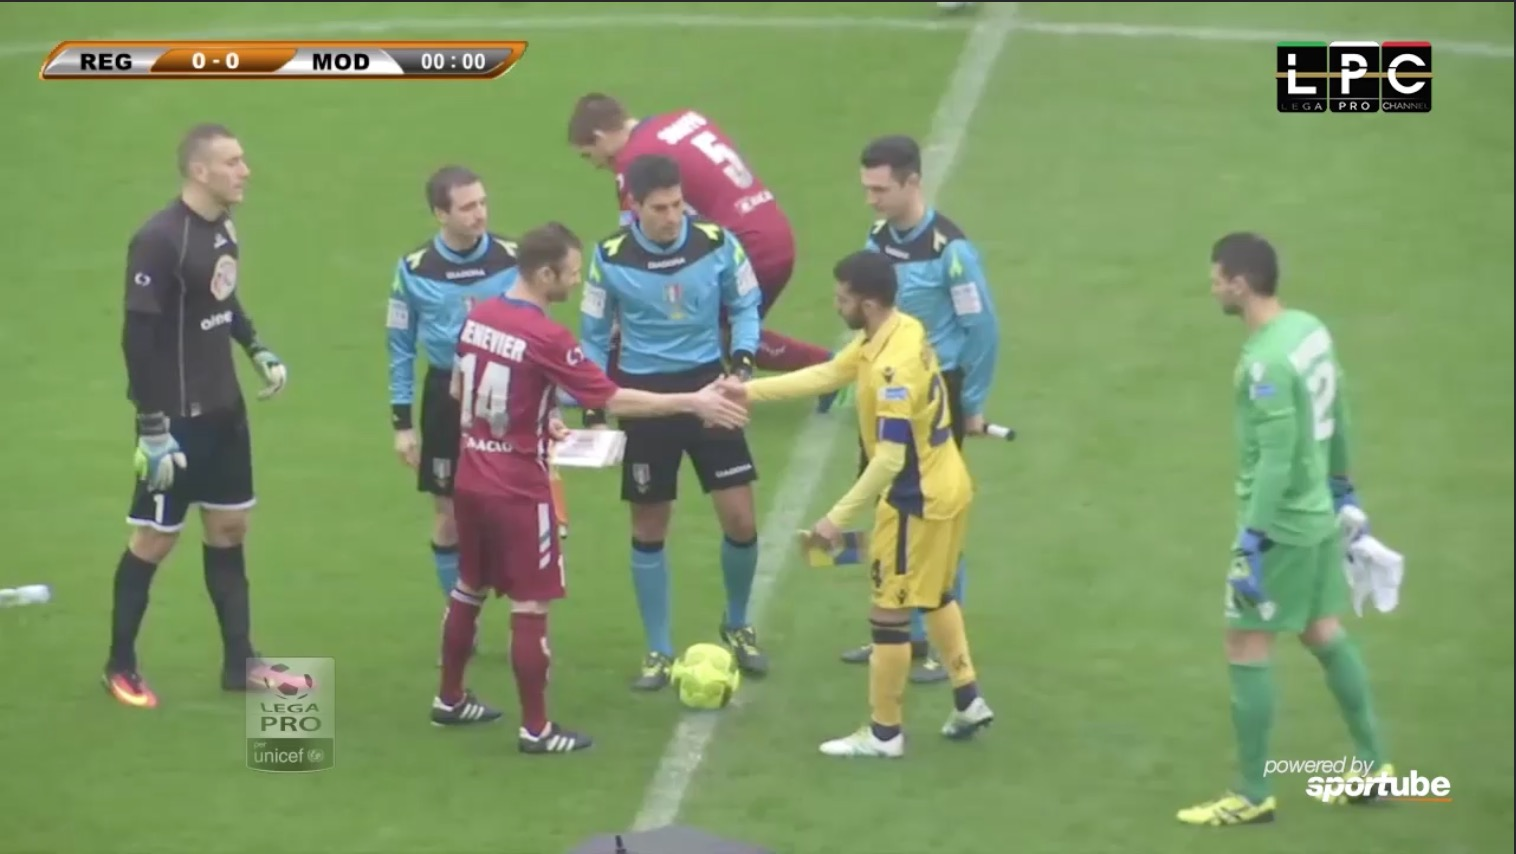 Reggiana-Modena, niente diretta RaiSport, solo Sportube live streaming: ecco come vedere il derby